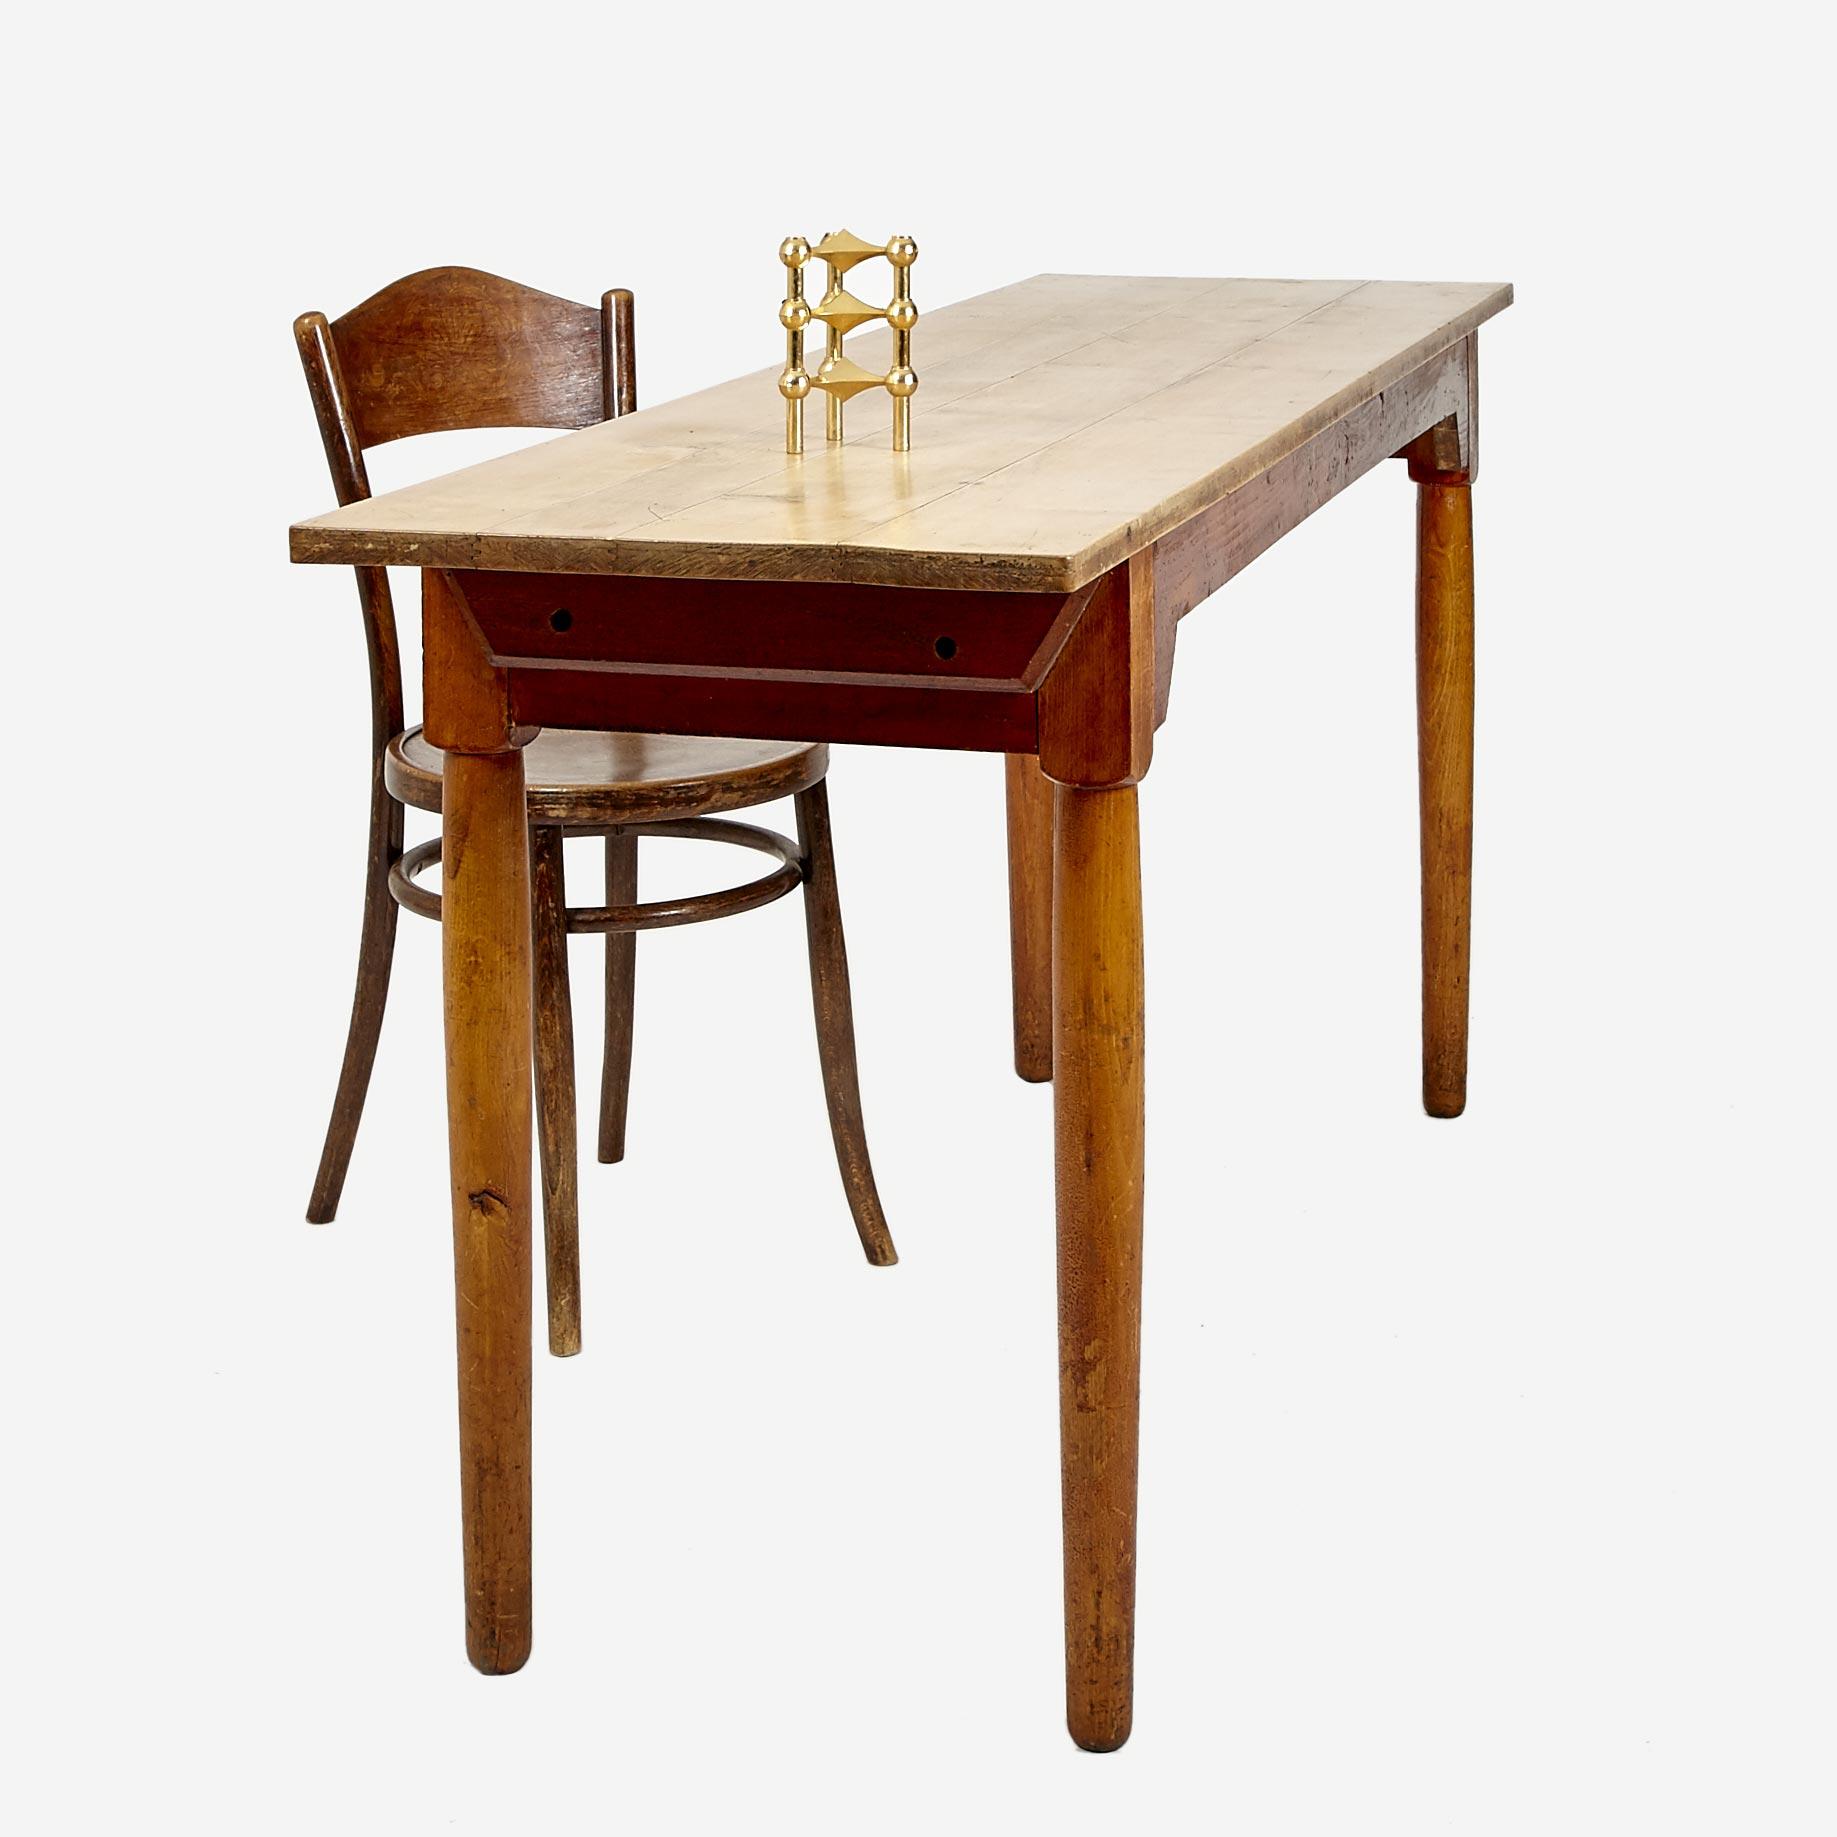 schmaler nussbaumtisch mit unterbau und gedrechselten beinen m bel z rich vintagem bel. Black Bedroom Furniture Sets. Home Design Ideas